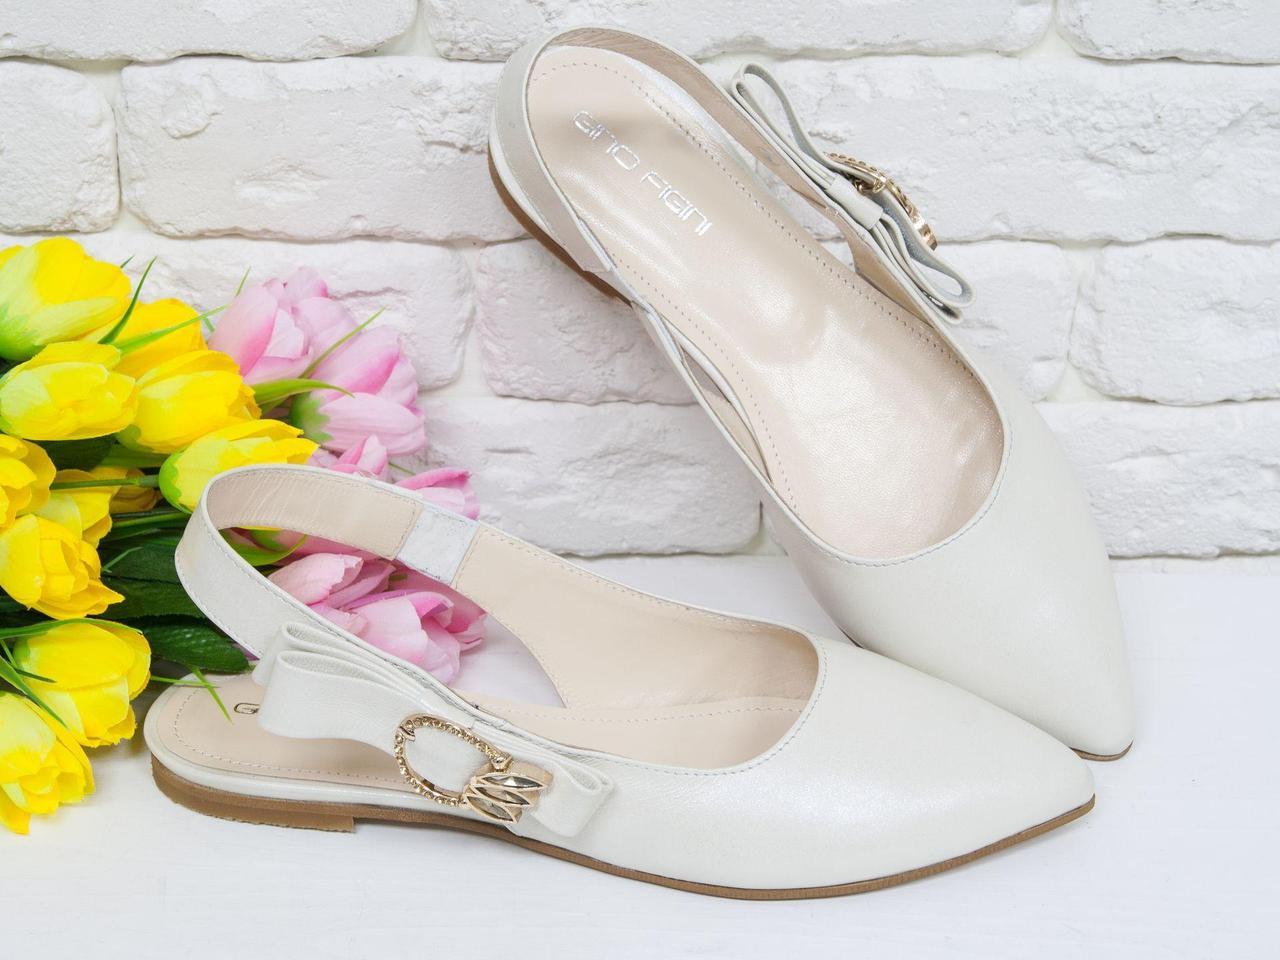 Туфли с открытой пяткой на плоской подошве из натуральной кожи молочного цвета с мерцающим блеском и яркой фурнитурой золотого цвета с камнями,